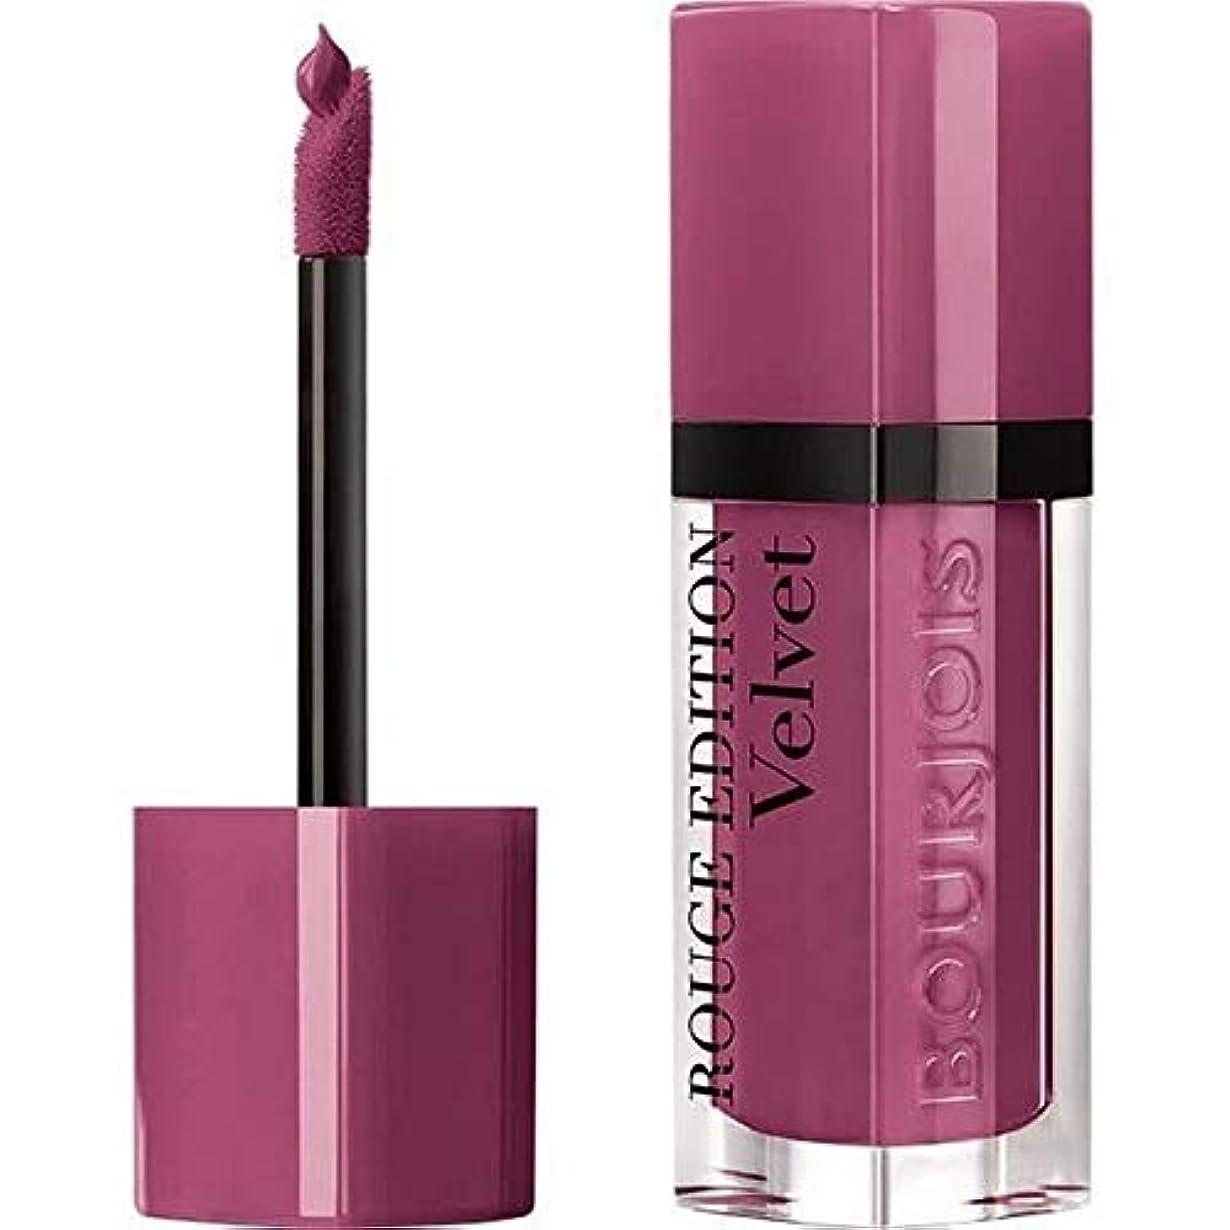 再発するペニー注釈[Bourjois ] 藤色36でブルジョワ液状口紅ルージュ版のベルベット - Bourjois Liquid Lipstick Rouge Edition Velvet In Mauve 36 [並行輸入品]